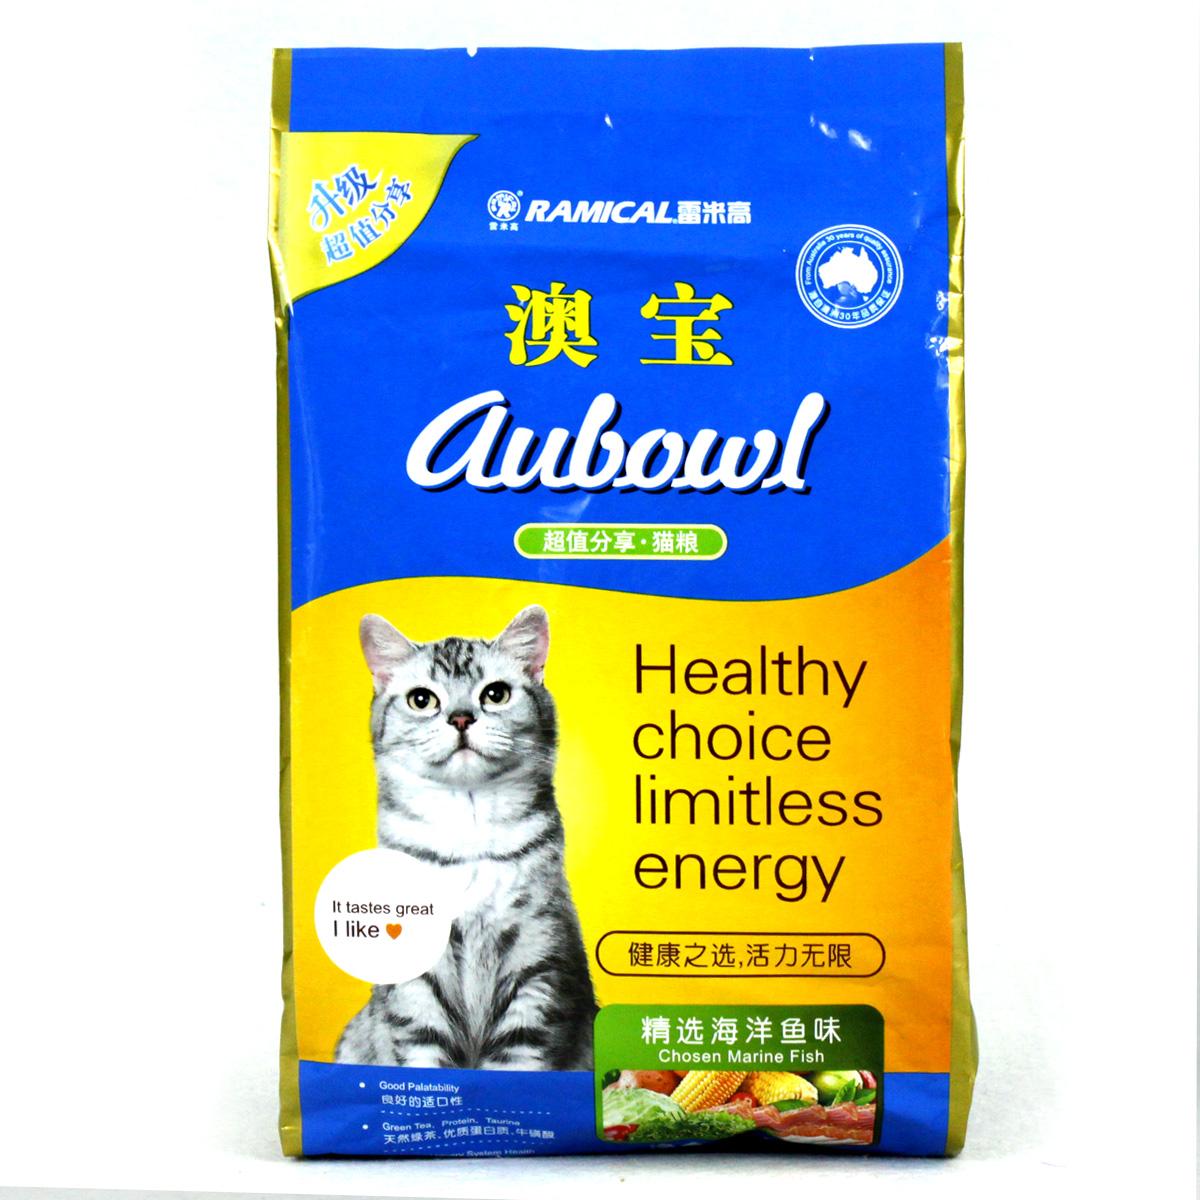 波奇网 宠物食品 雷米高猫粮 澳宝海洋鱼味500g 适合成猫幼猫